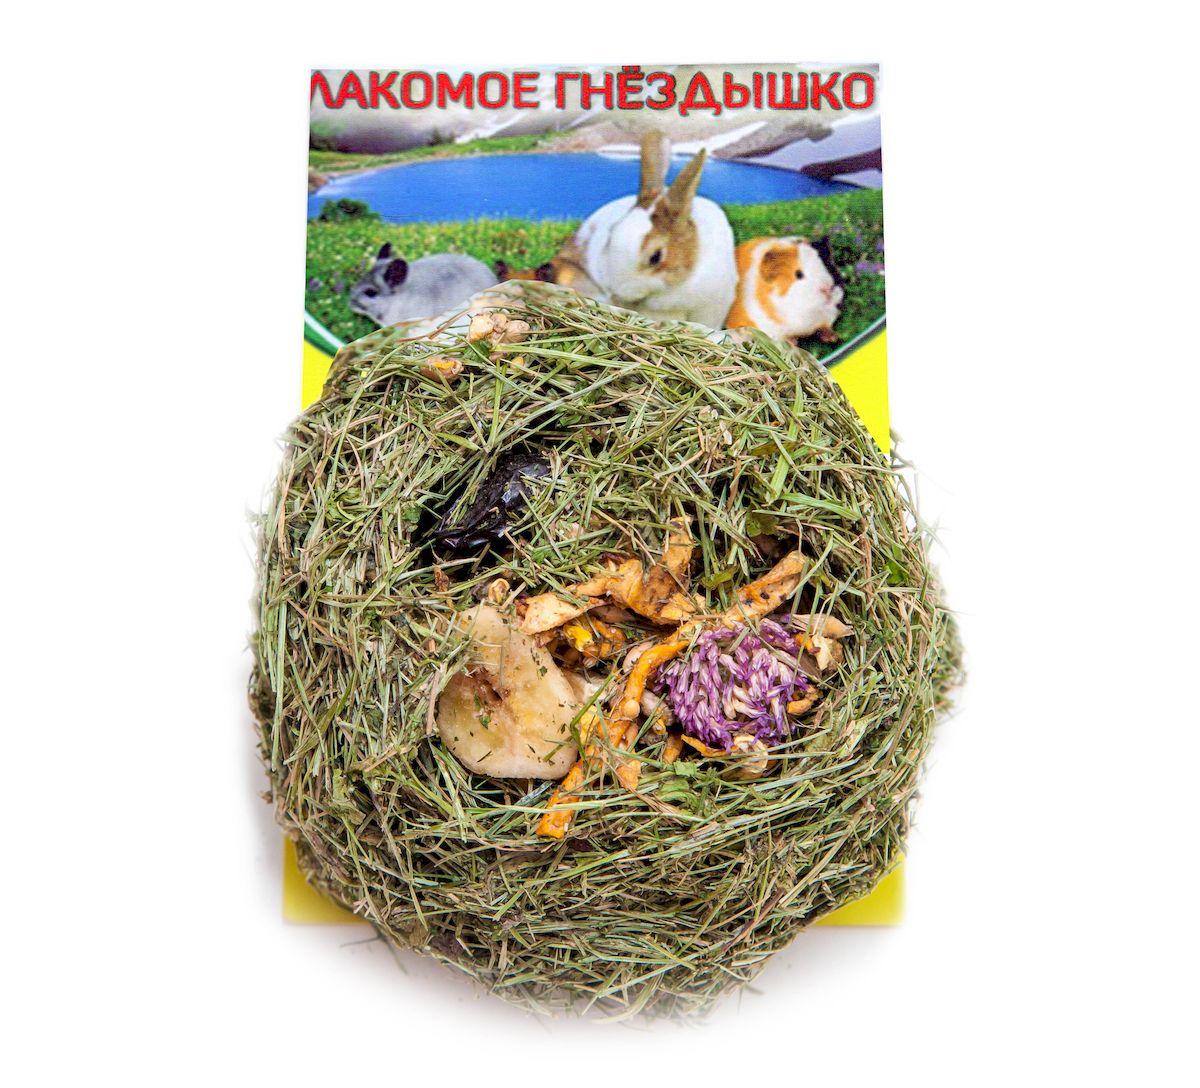 Лакомство для грызунов Престиж Лакомое гнездышко, с фруктами, овощами, орехами4627092860549Лакомое гнездышко для грызунов от компании Престиж - изготавливается из сена Люкс Премиум класса, в состав которого, входит люцерна, клевер, листва одуванчика и разнотравье. Лакомое гнездышко наполняется сушеными цветами, орехами и травяными гранулами. В лакомстве сохранены витамины и микроэлементы, так необходимые для правильного развития и здоровья домашних грызунов. Разнообразное наполнение лакомства удаляет голод питомцев, а жесткие составляющие улучшают уход за зубами.Состав: зеленое сено Люкс Премиум класса, банан, полезные цветы, боярышник, сушеные овощи и фрукты, арахис.Товар сертифицирован.